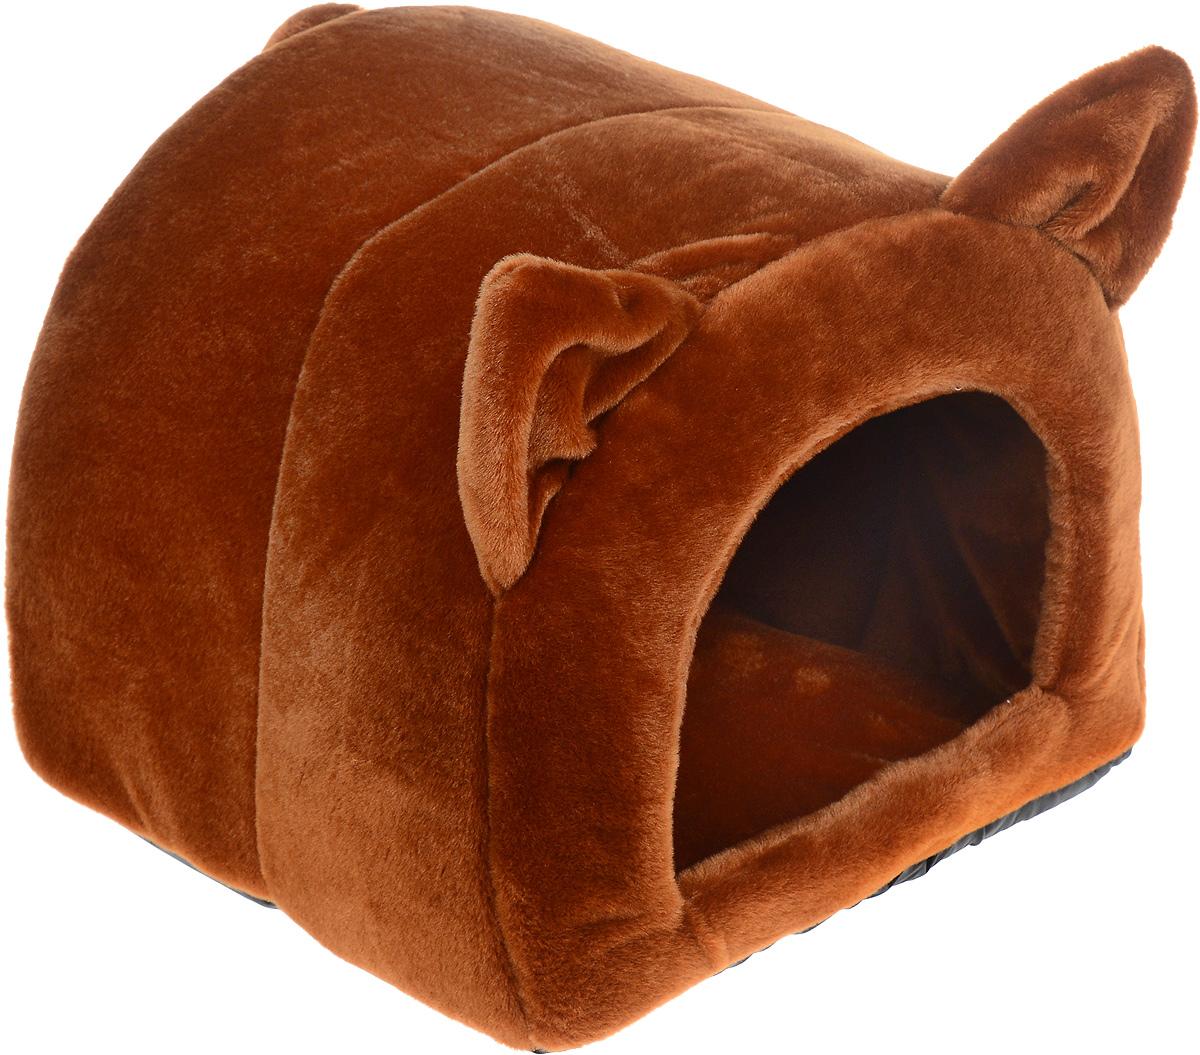 Домик-лежанка Зоомарк Ушастик, цвет: коричневый, 44 х 40 х 36 см0120710Домик-лежанка Зоомарк Ушастик, выполненный из плюша, с непревзойденным дизайном предназначен для кошек и мелких собак. Очень удобен и вместителен. Изделие гармонично украсит интерьер, подчеркнет вашу индивидуальность и будет радовать вас и вашего питомца.